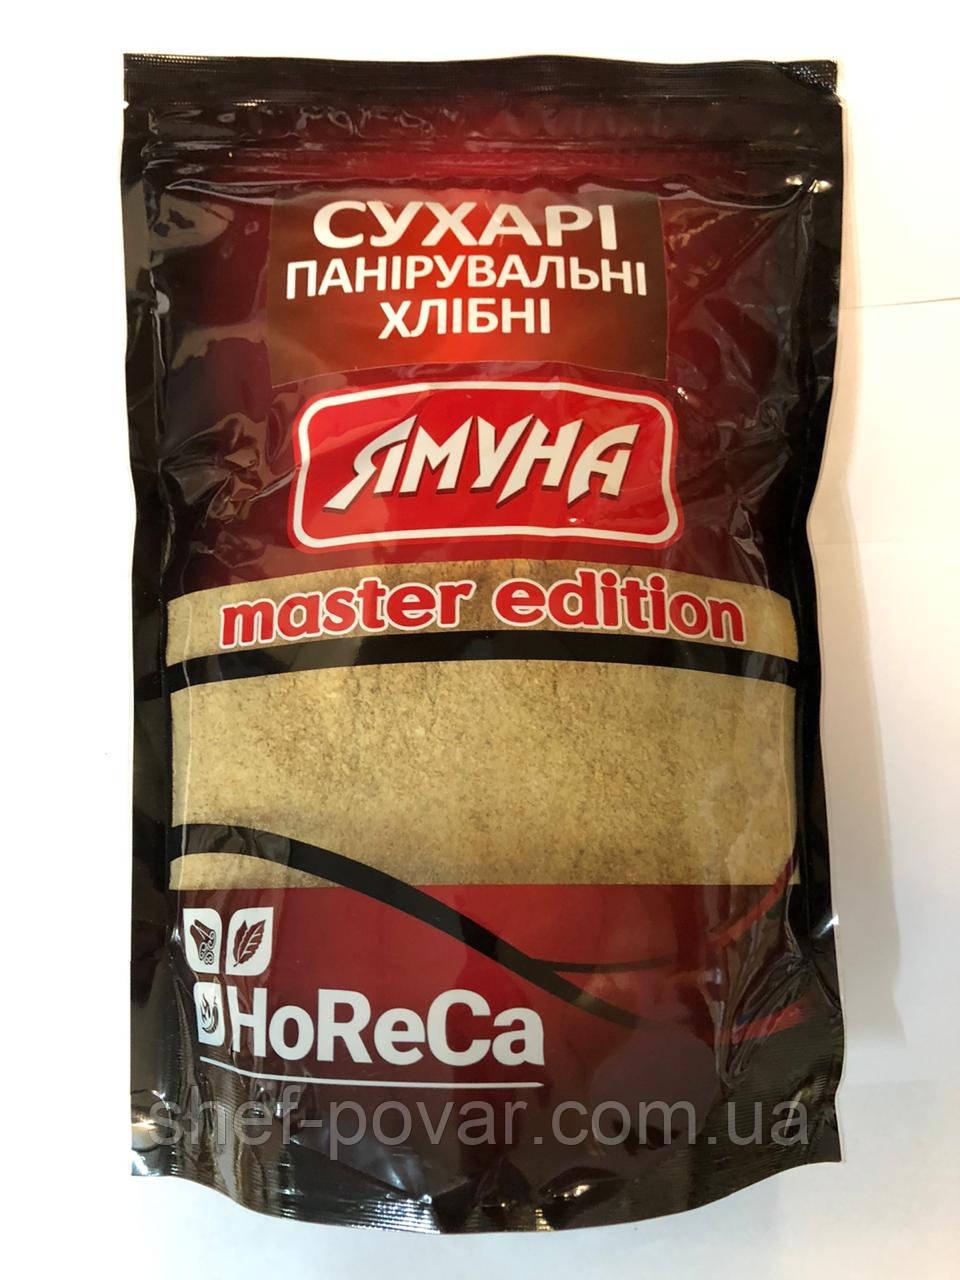 Сухари панировочные хлебные 1кг HoReCa ТМ «Ямуна»